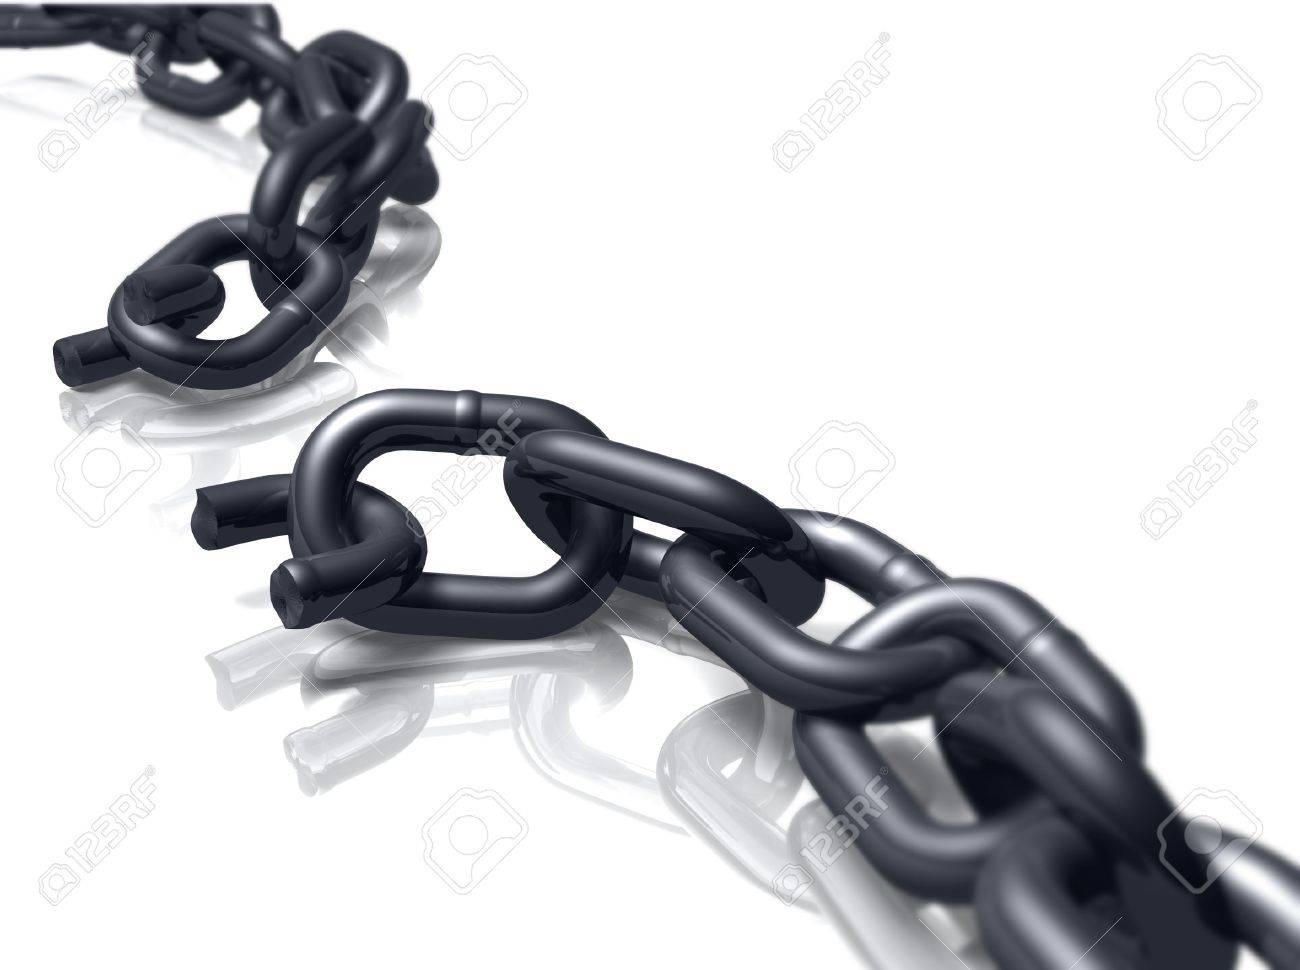 Broken heavy duty chain on white. - 5549215